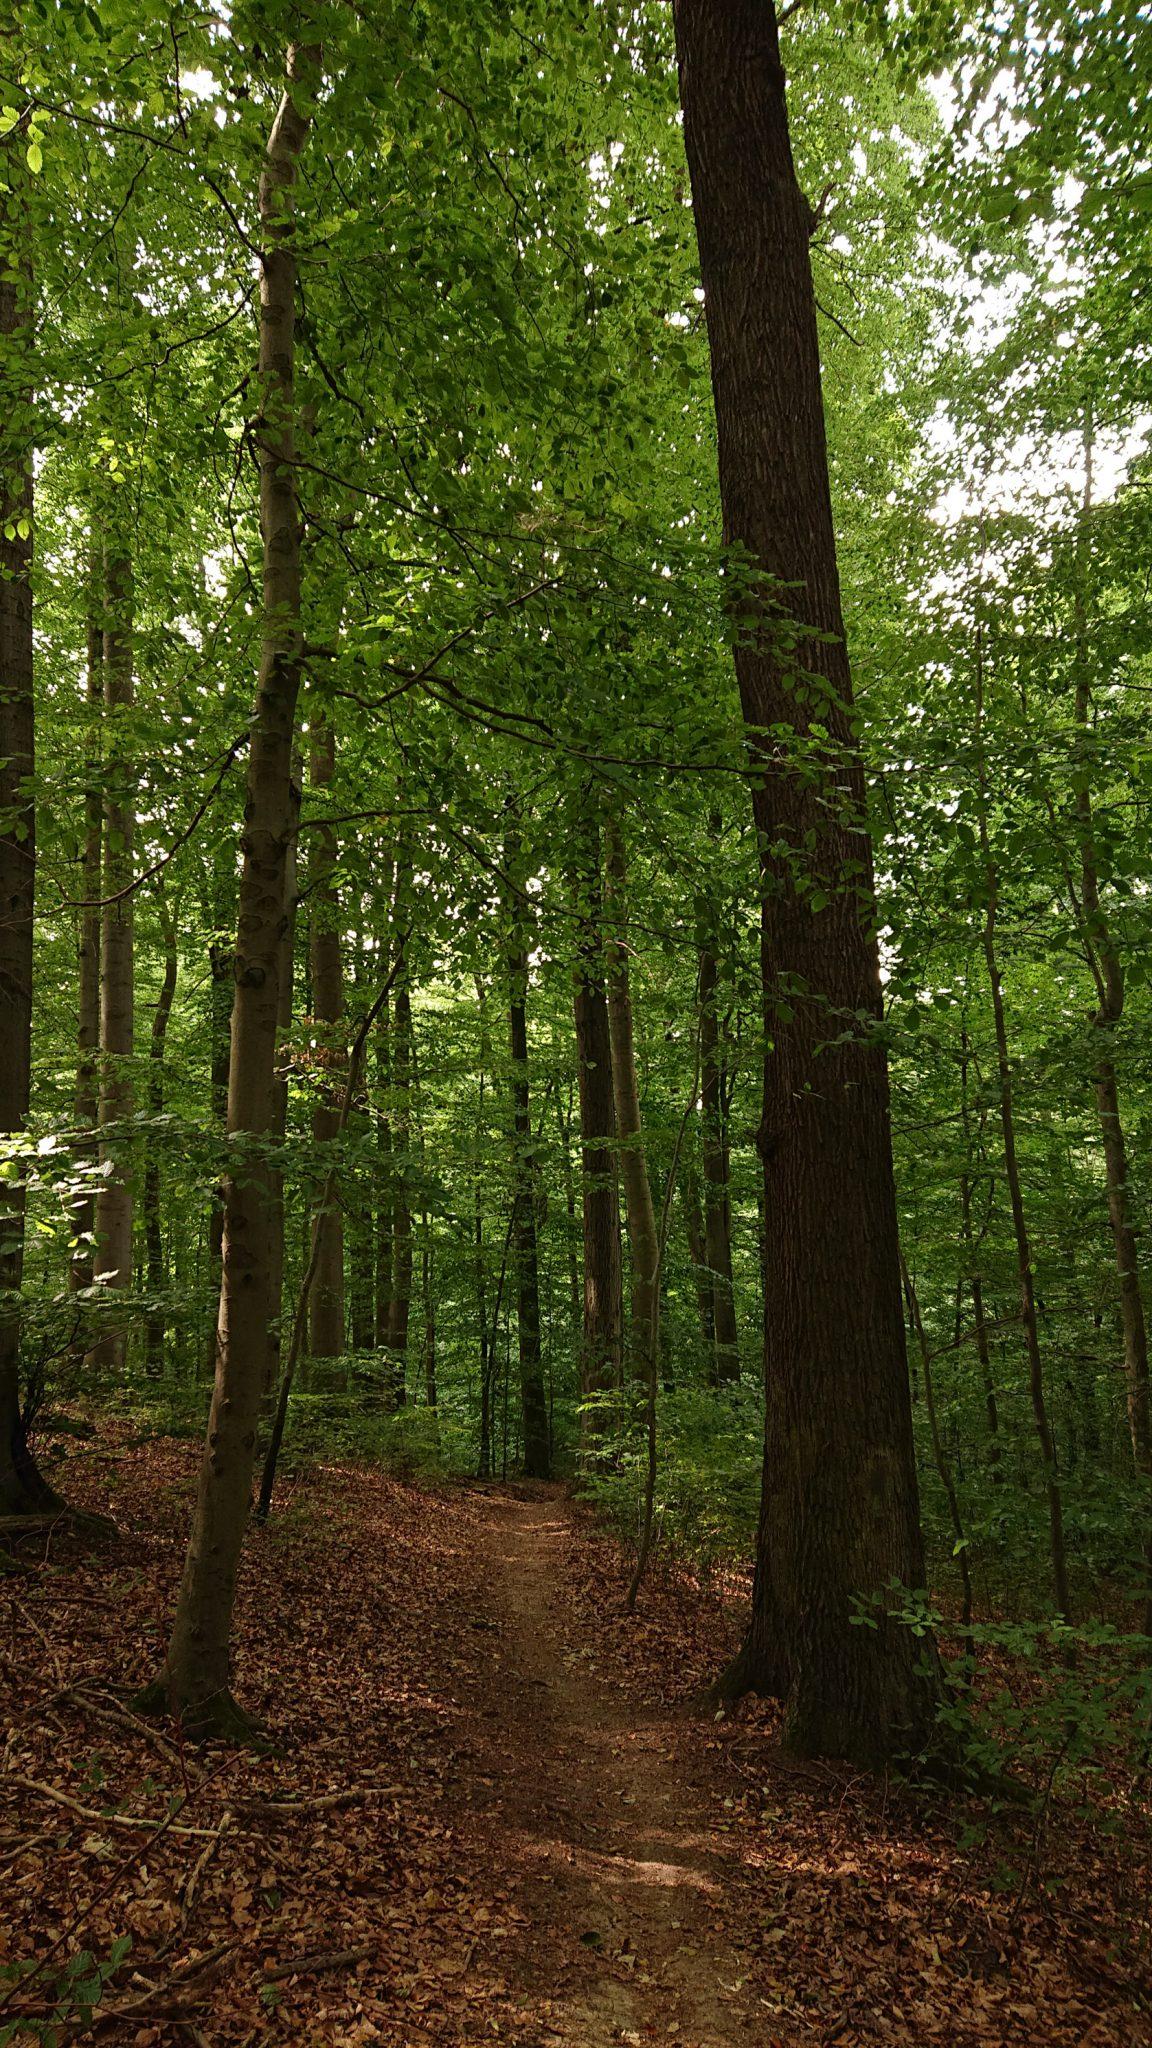 Nationalpark Hainich Saugrabenweg und Betteleichenweg wandern, dichter, ursprünglicher Buchenwald, schmaler toller Pfad